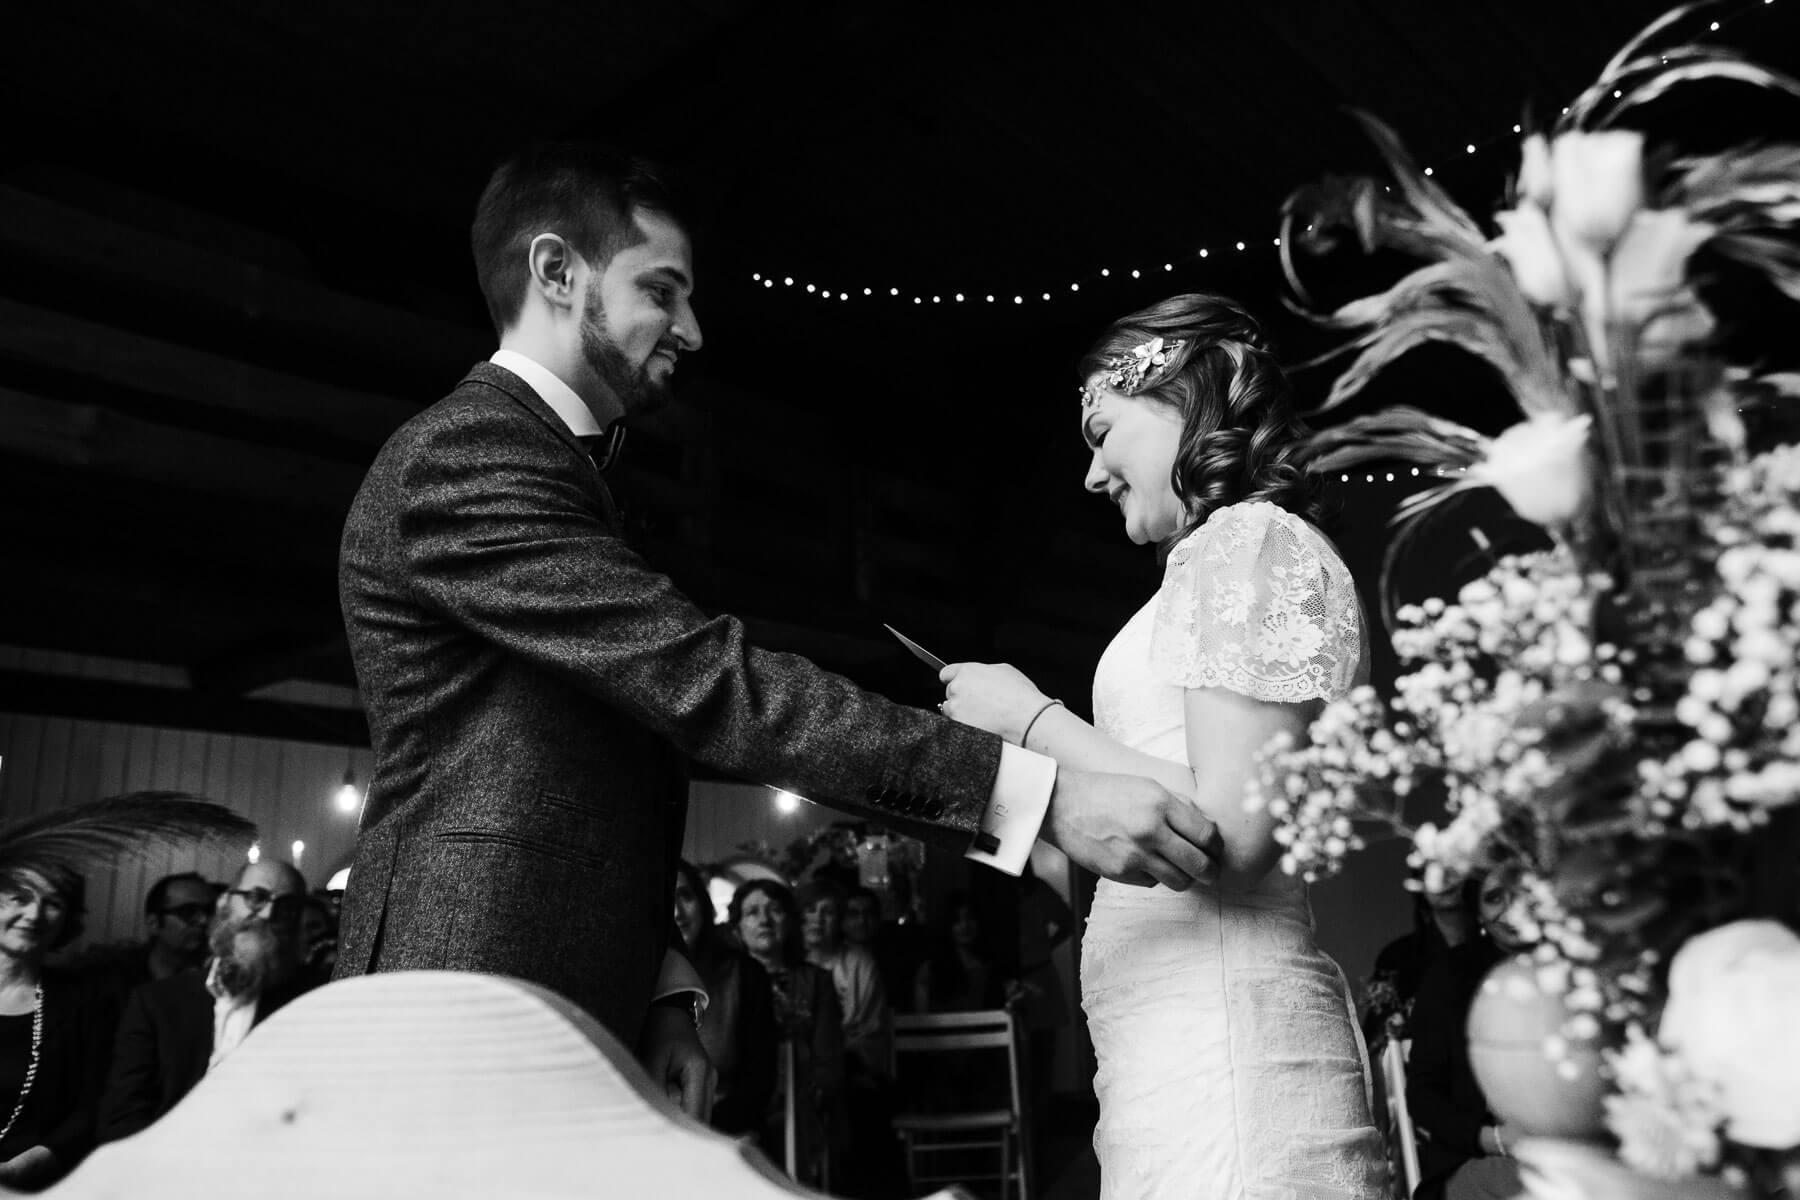 ein Brautpaar steht sich gegenüber, der Bräutigam hält seine Arme an die Arm der Braut, die Brut hält einen Zettel in der Hand, der Bräutigam schaut auf die Brut, um sie herum stehen Blumengestecke